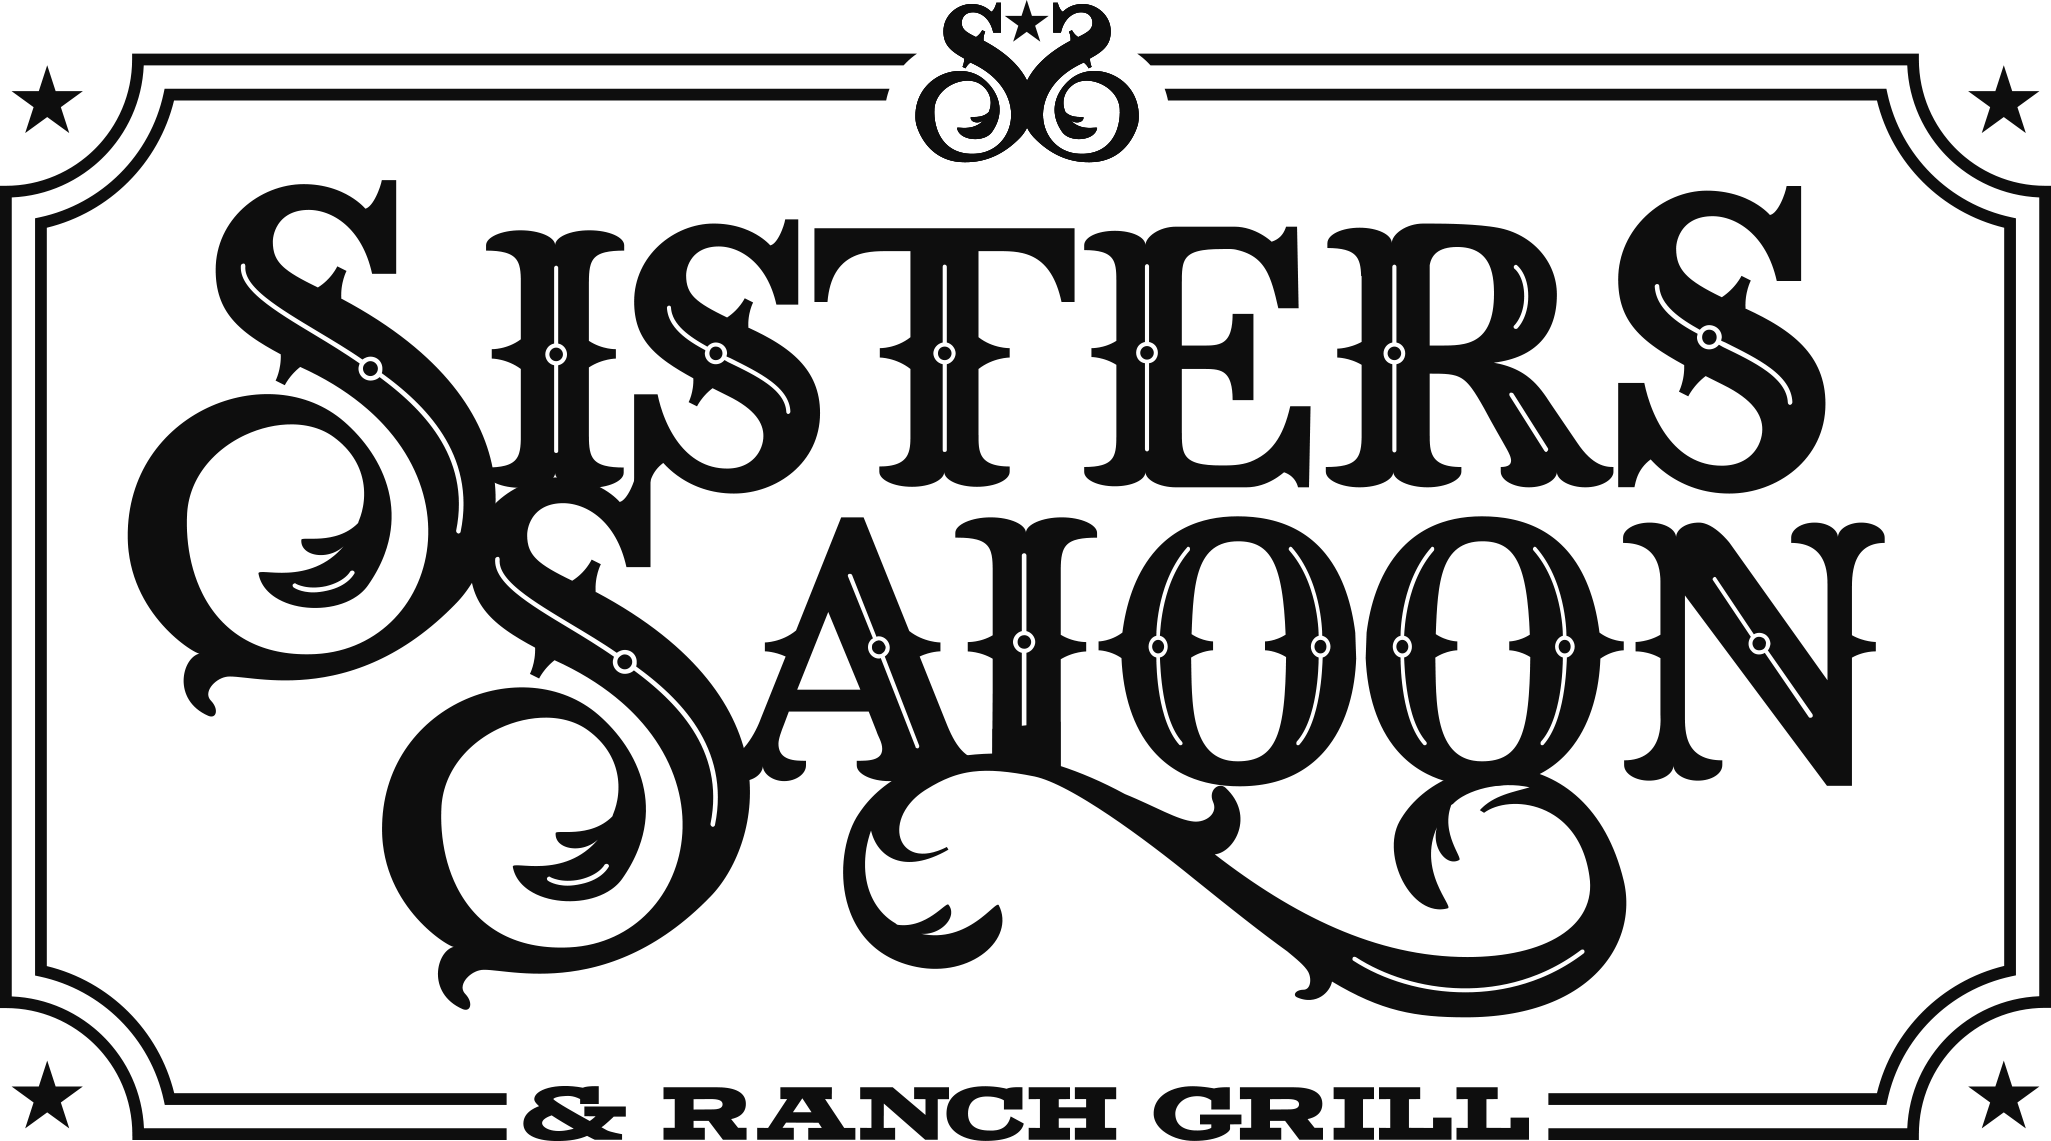 Sisters Saloon